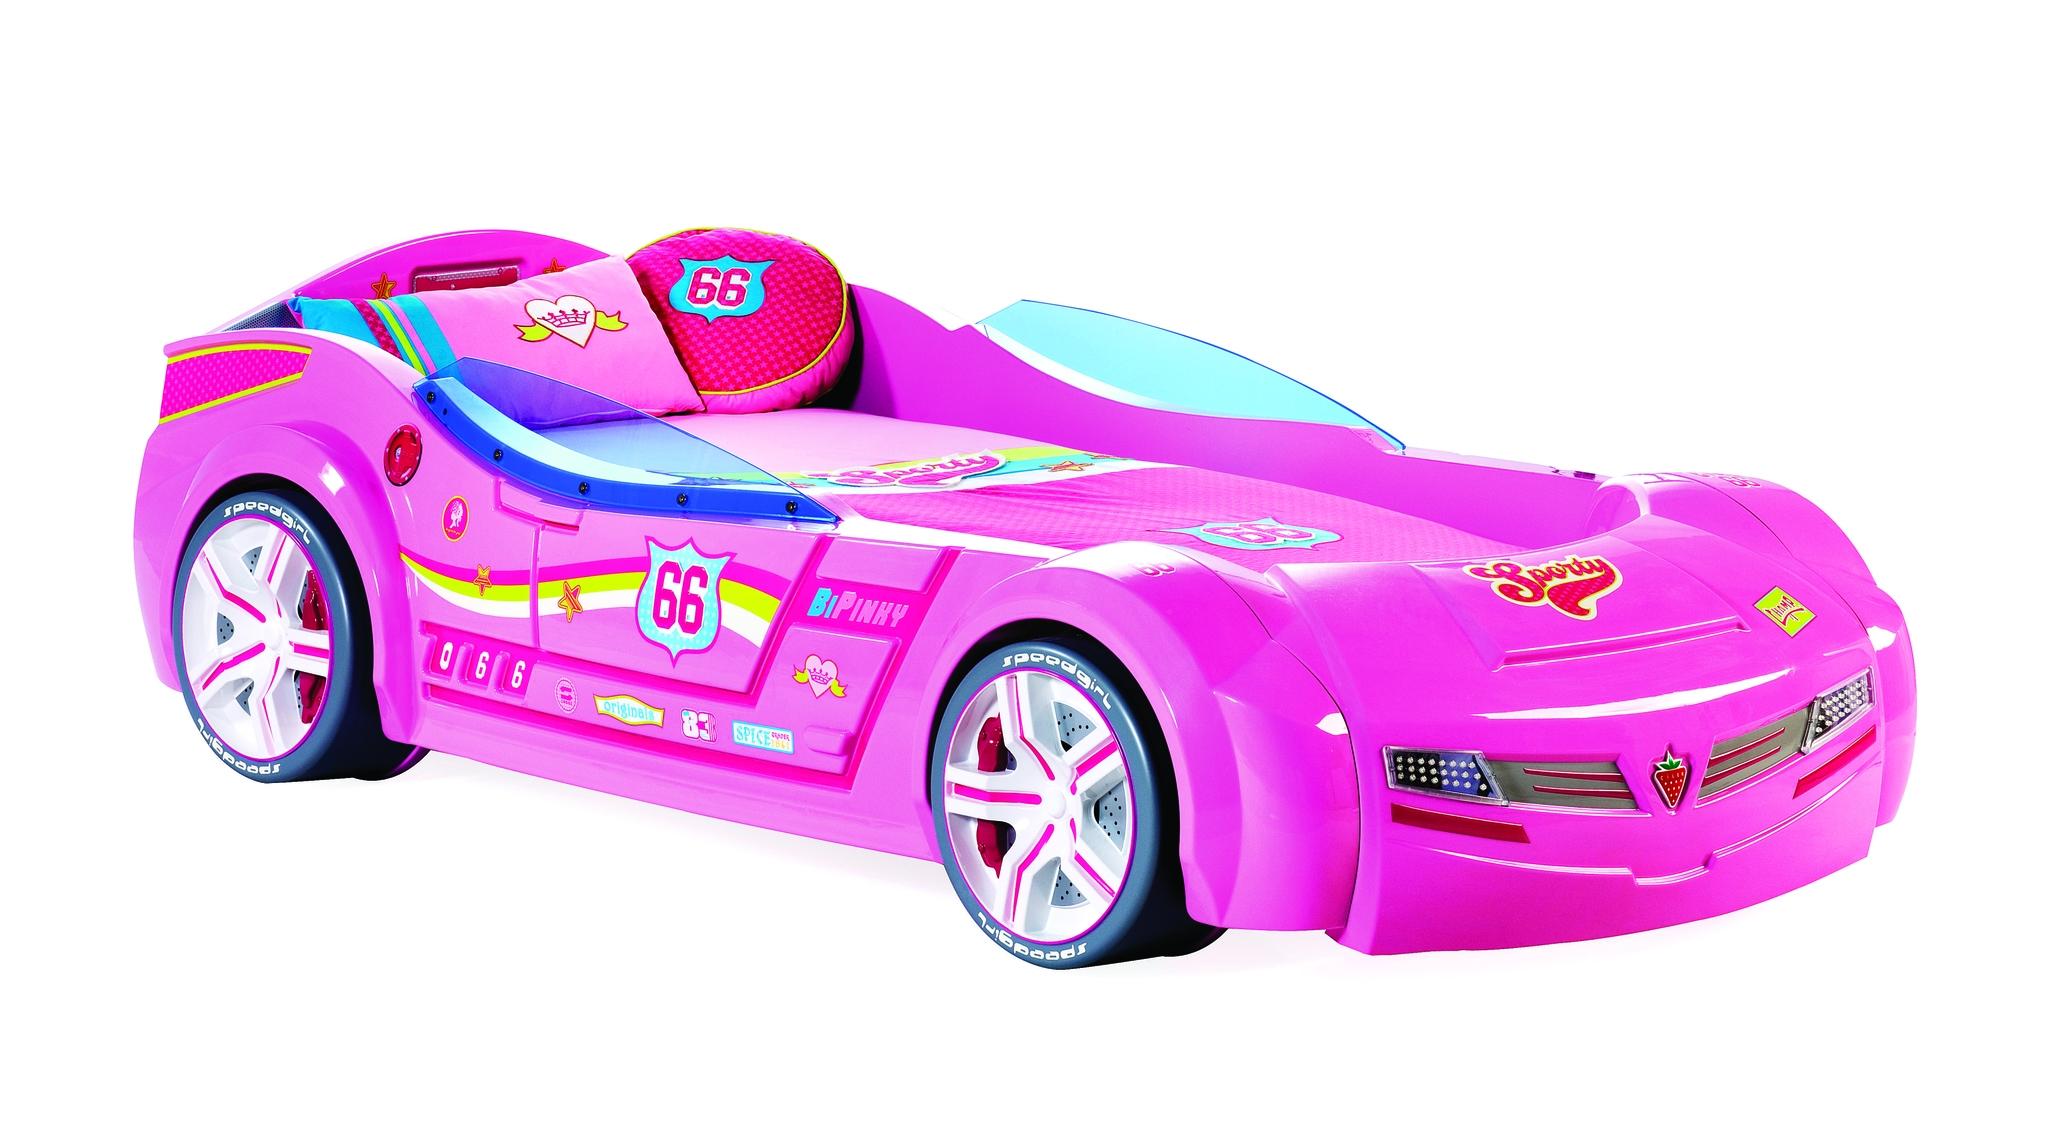 Pat din pal cu lumini si sunete pentru copii Biturbo Pink 195 x 90 cm